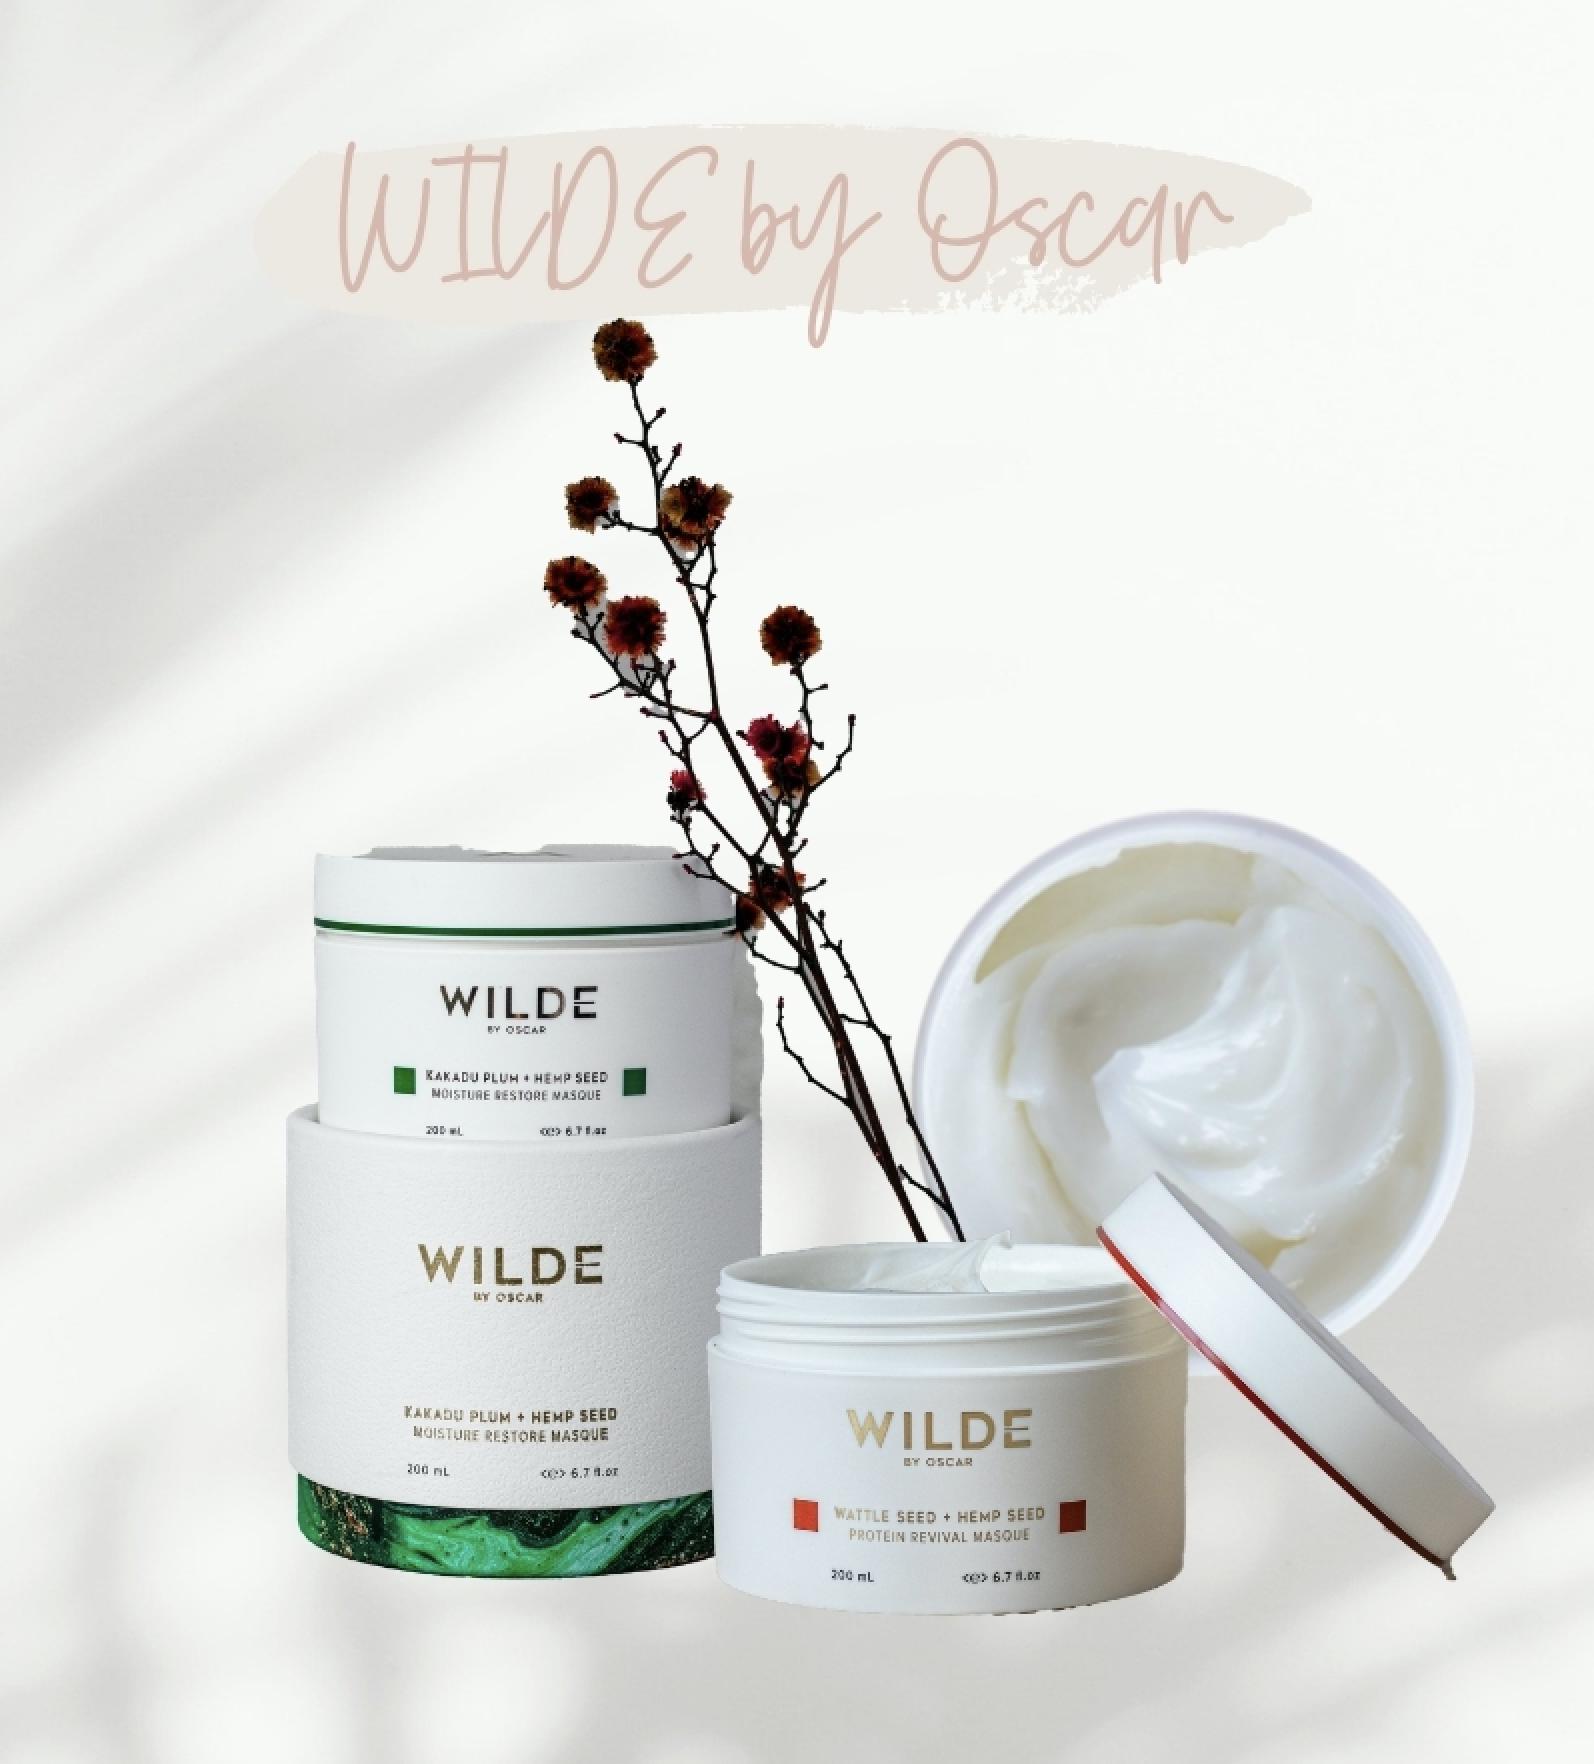 wilde hair treatments